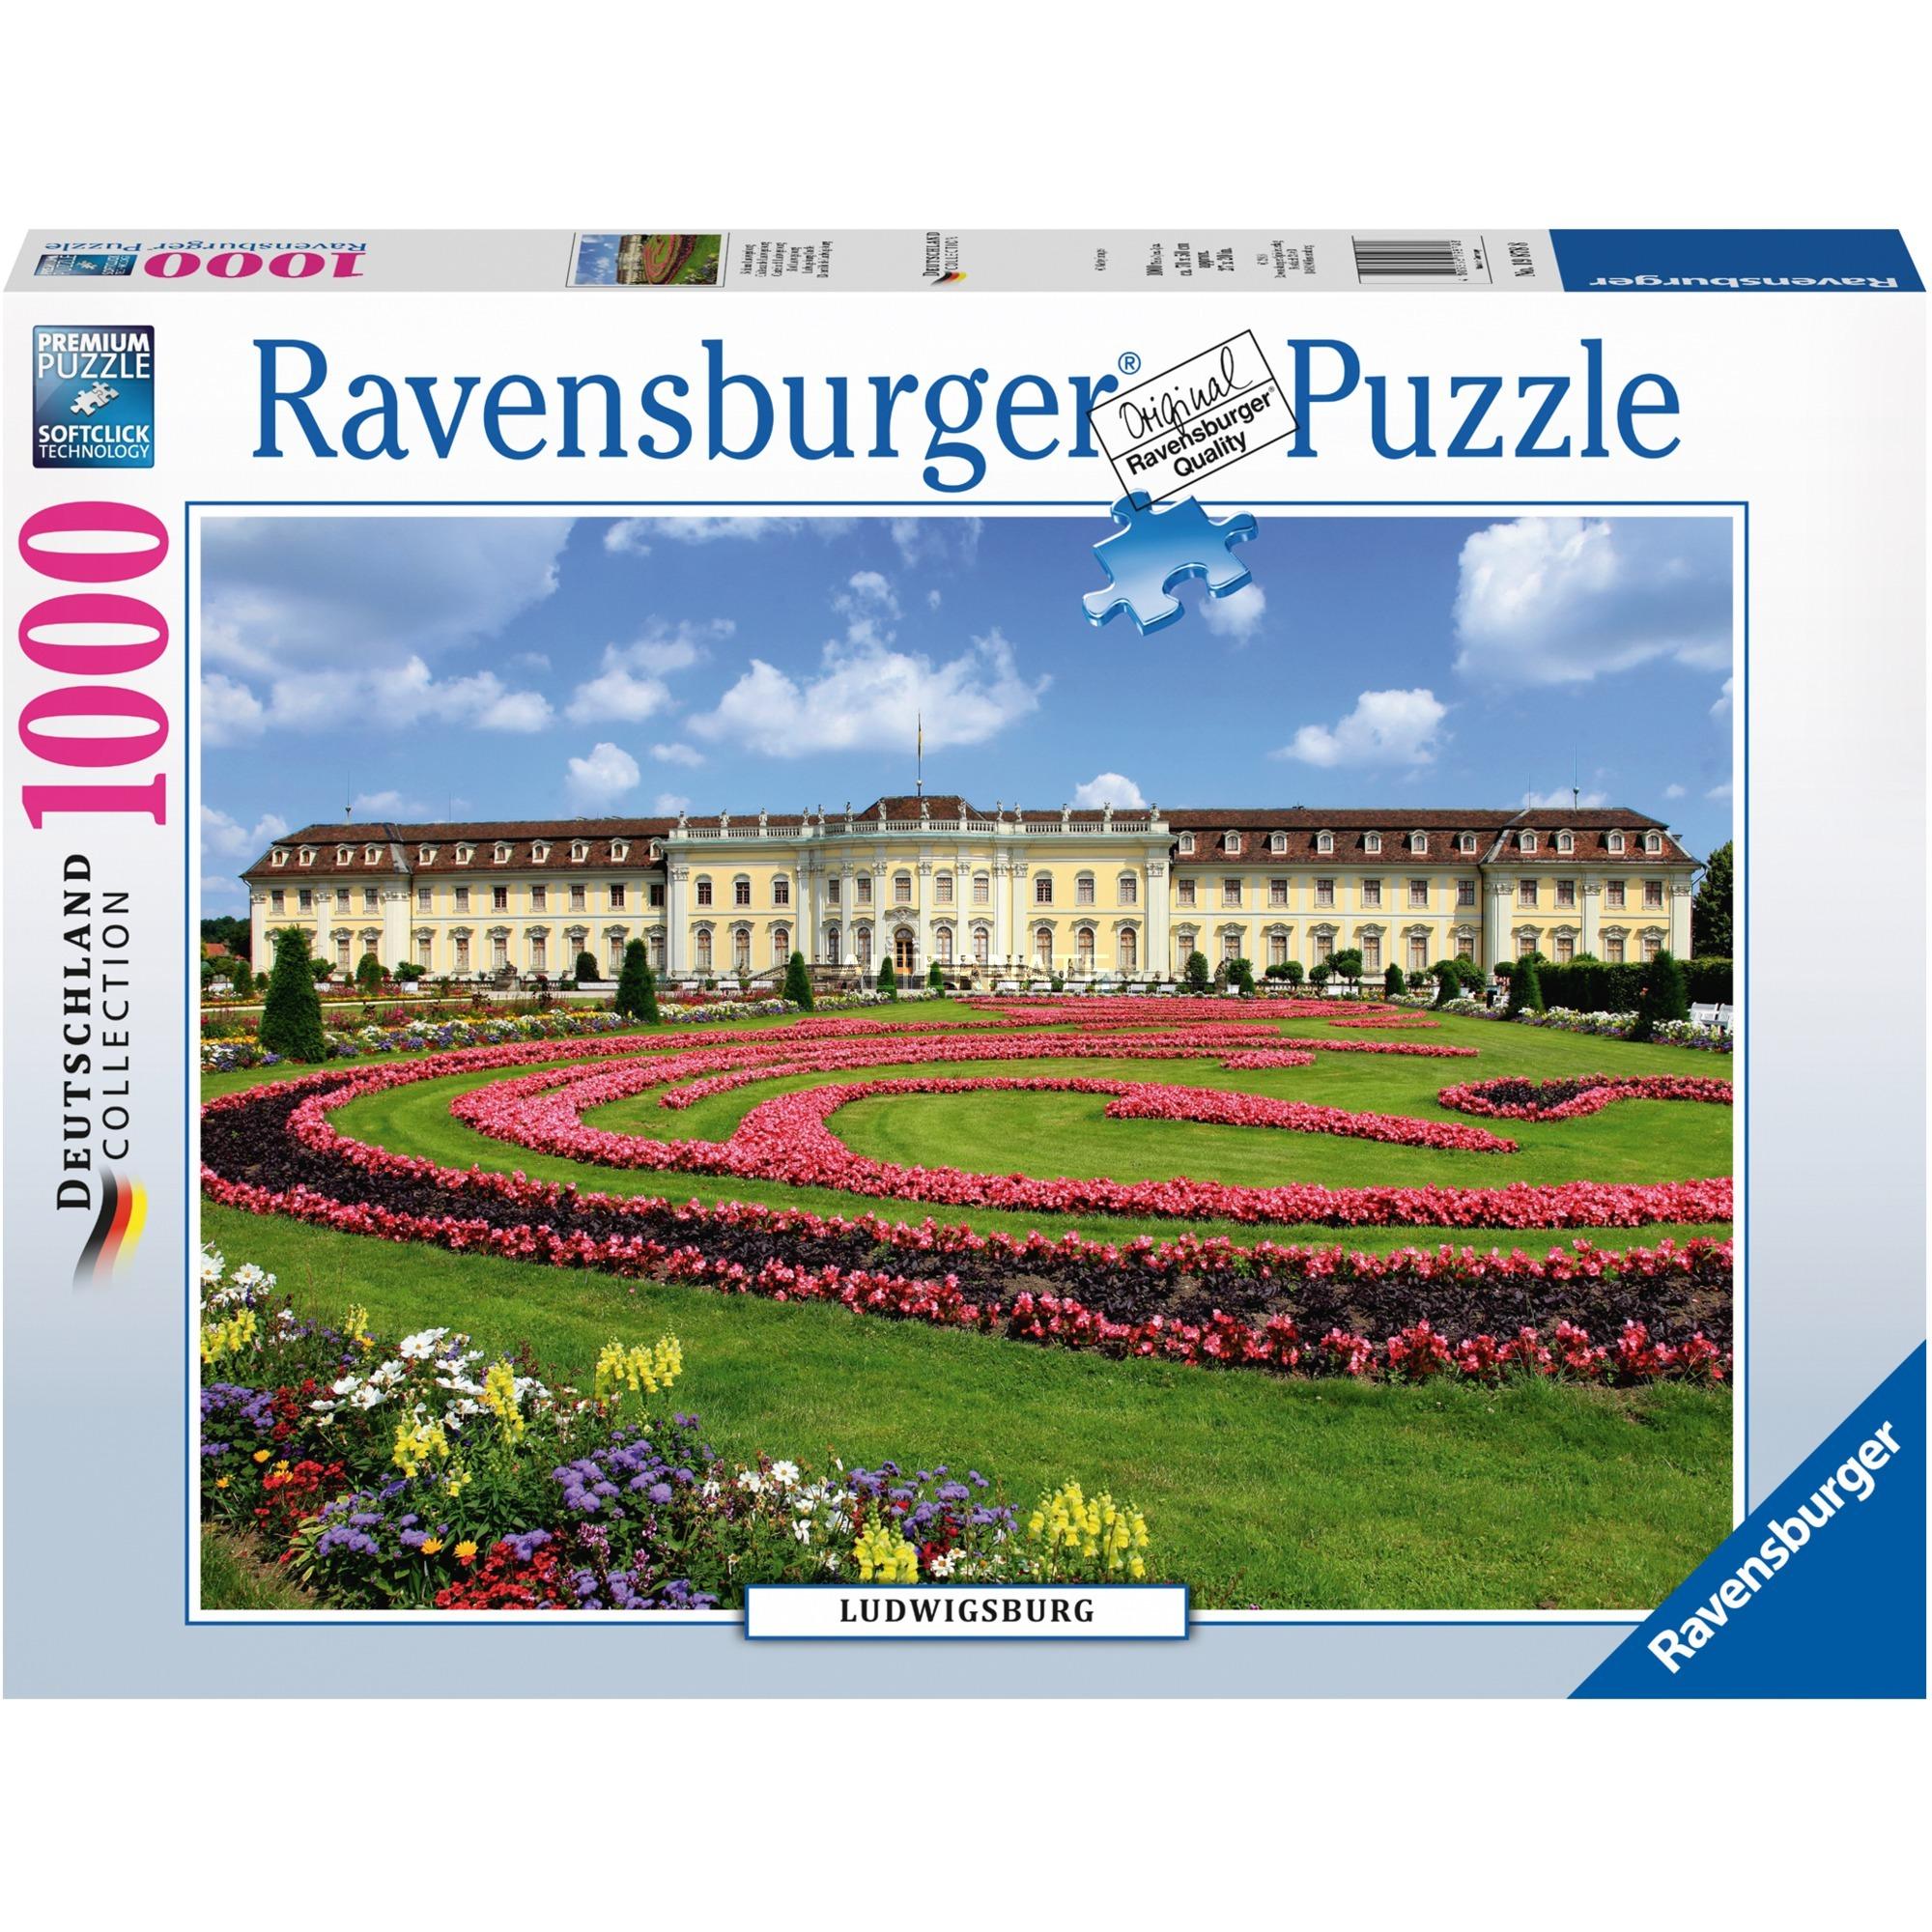 Puzzle Ravensburger Castillo Ludwigsburg de 1000 Piezas